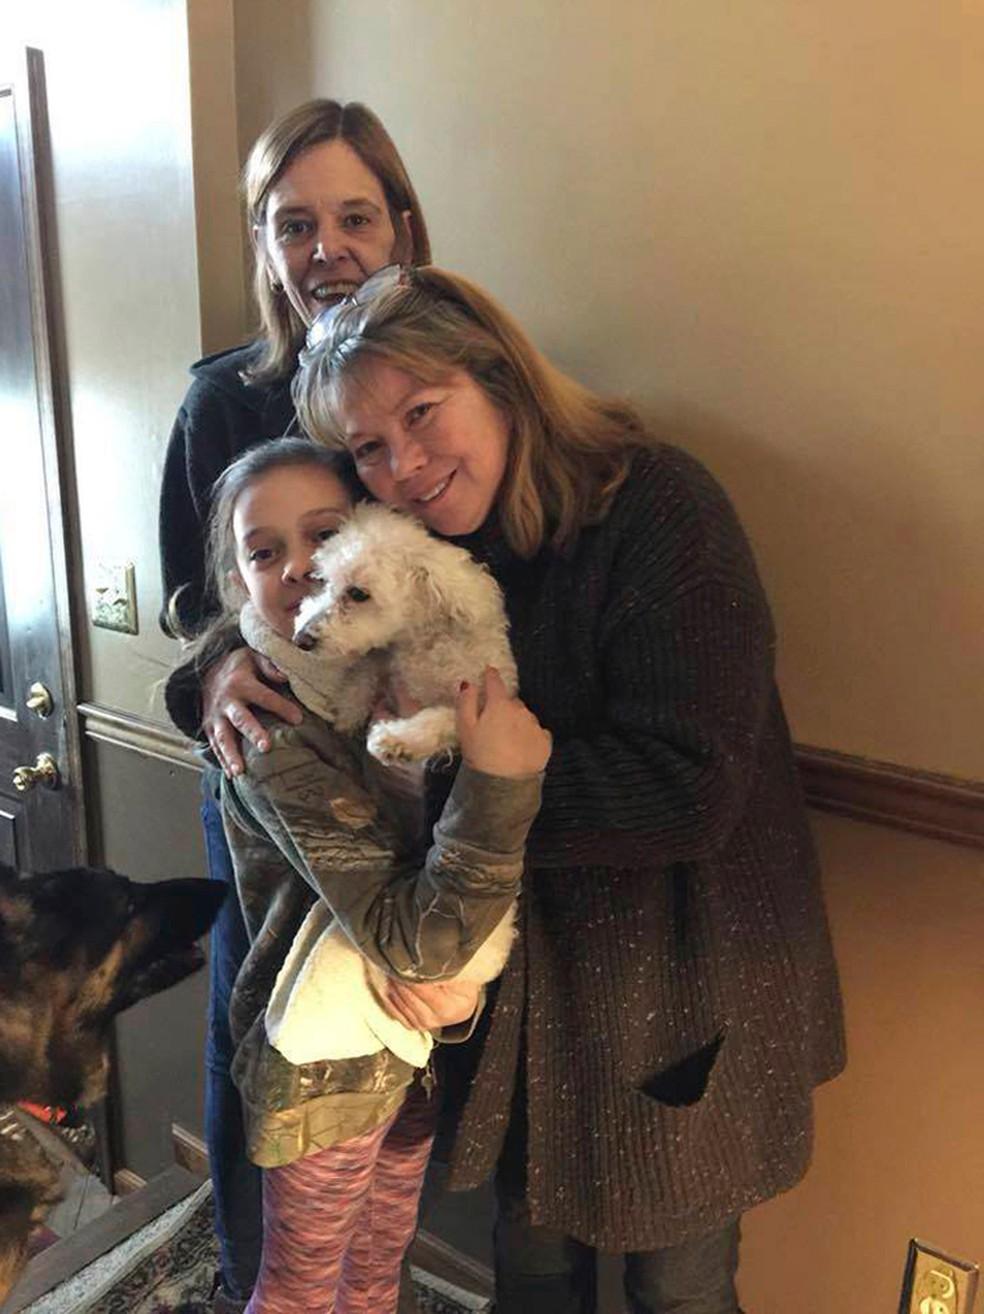 Cachorrinha reencontra donos após ser capturada por águia nos EUA (Foto: Jessica Hartman via AP)